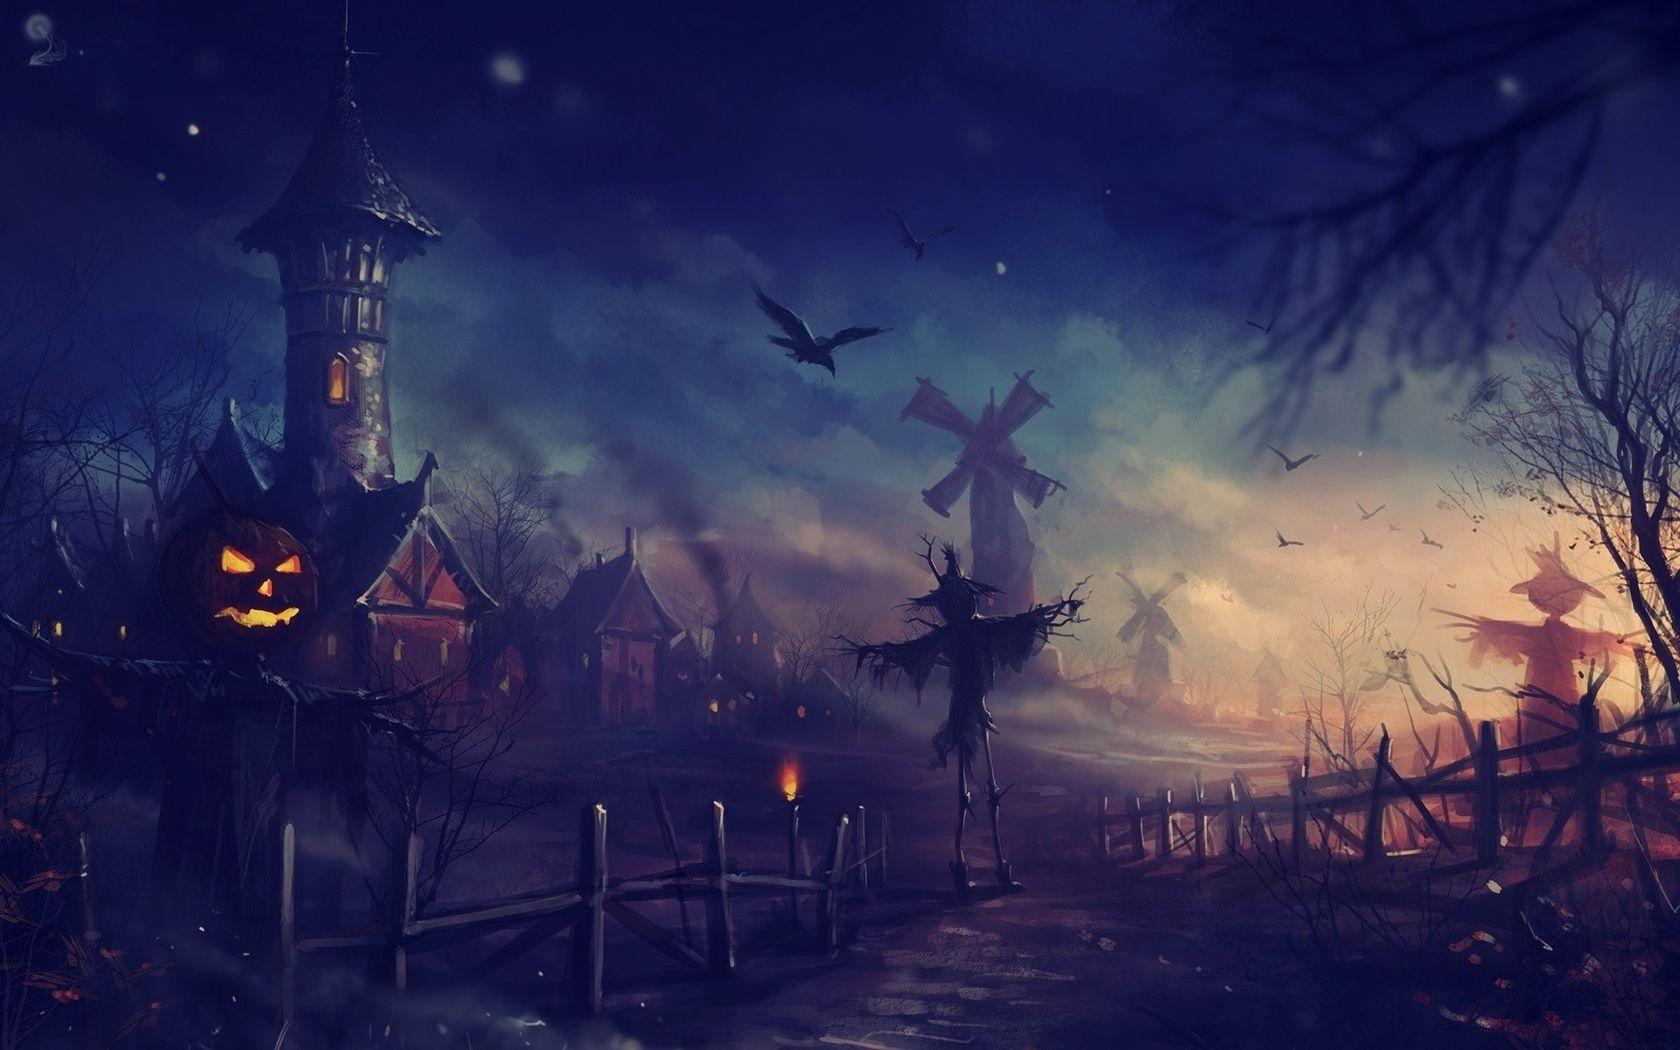 Halloween Wallpaper 1080p Cute Wallpapers Pinterest